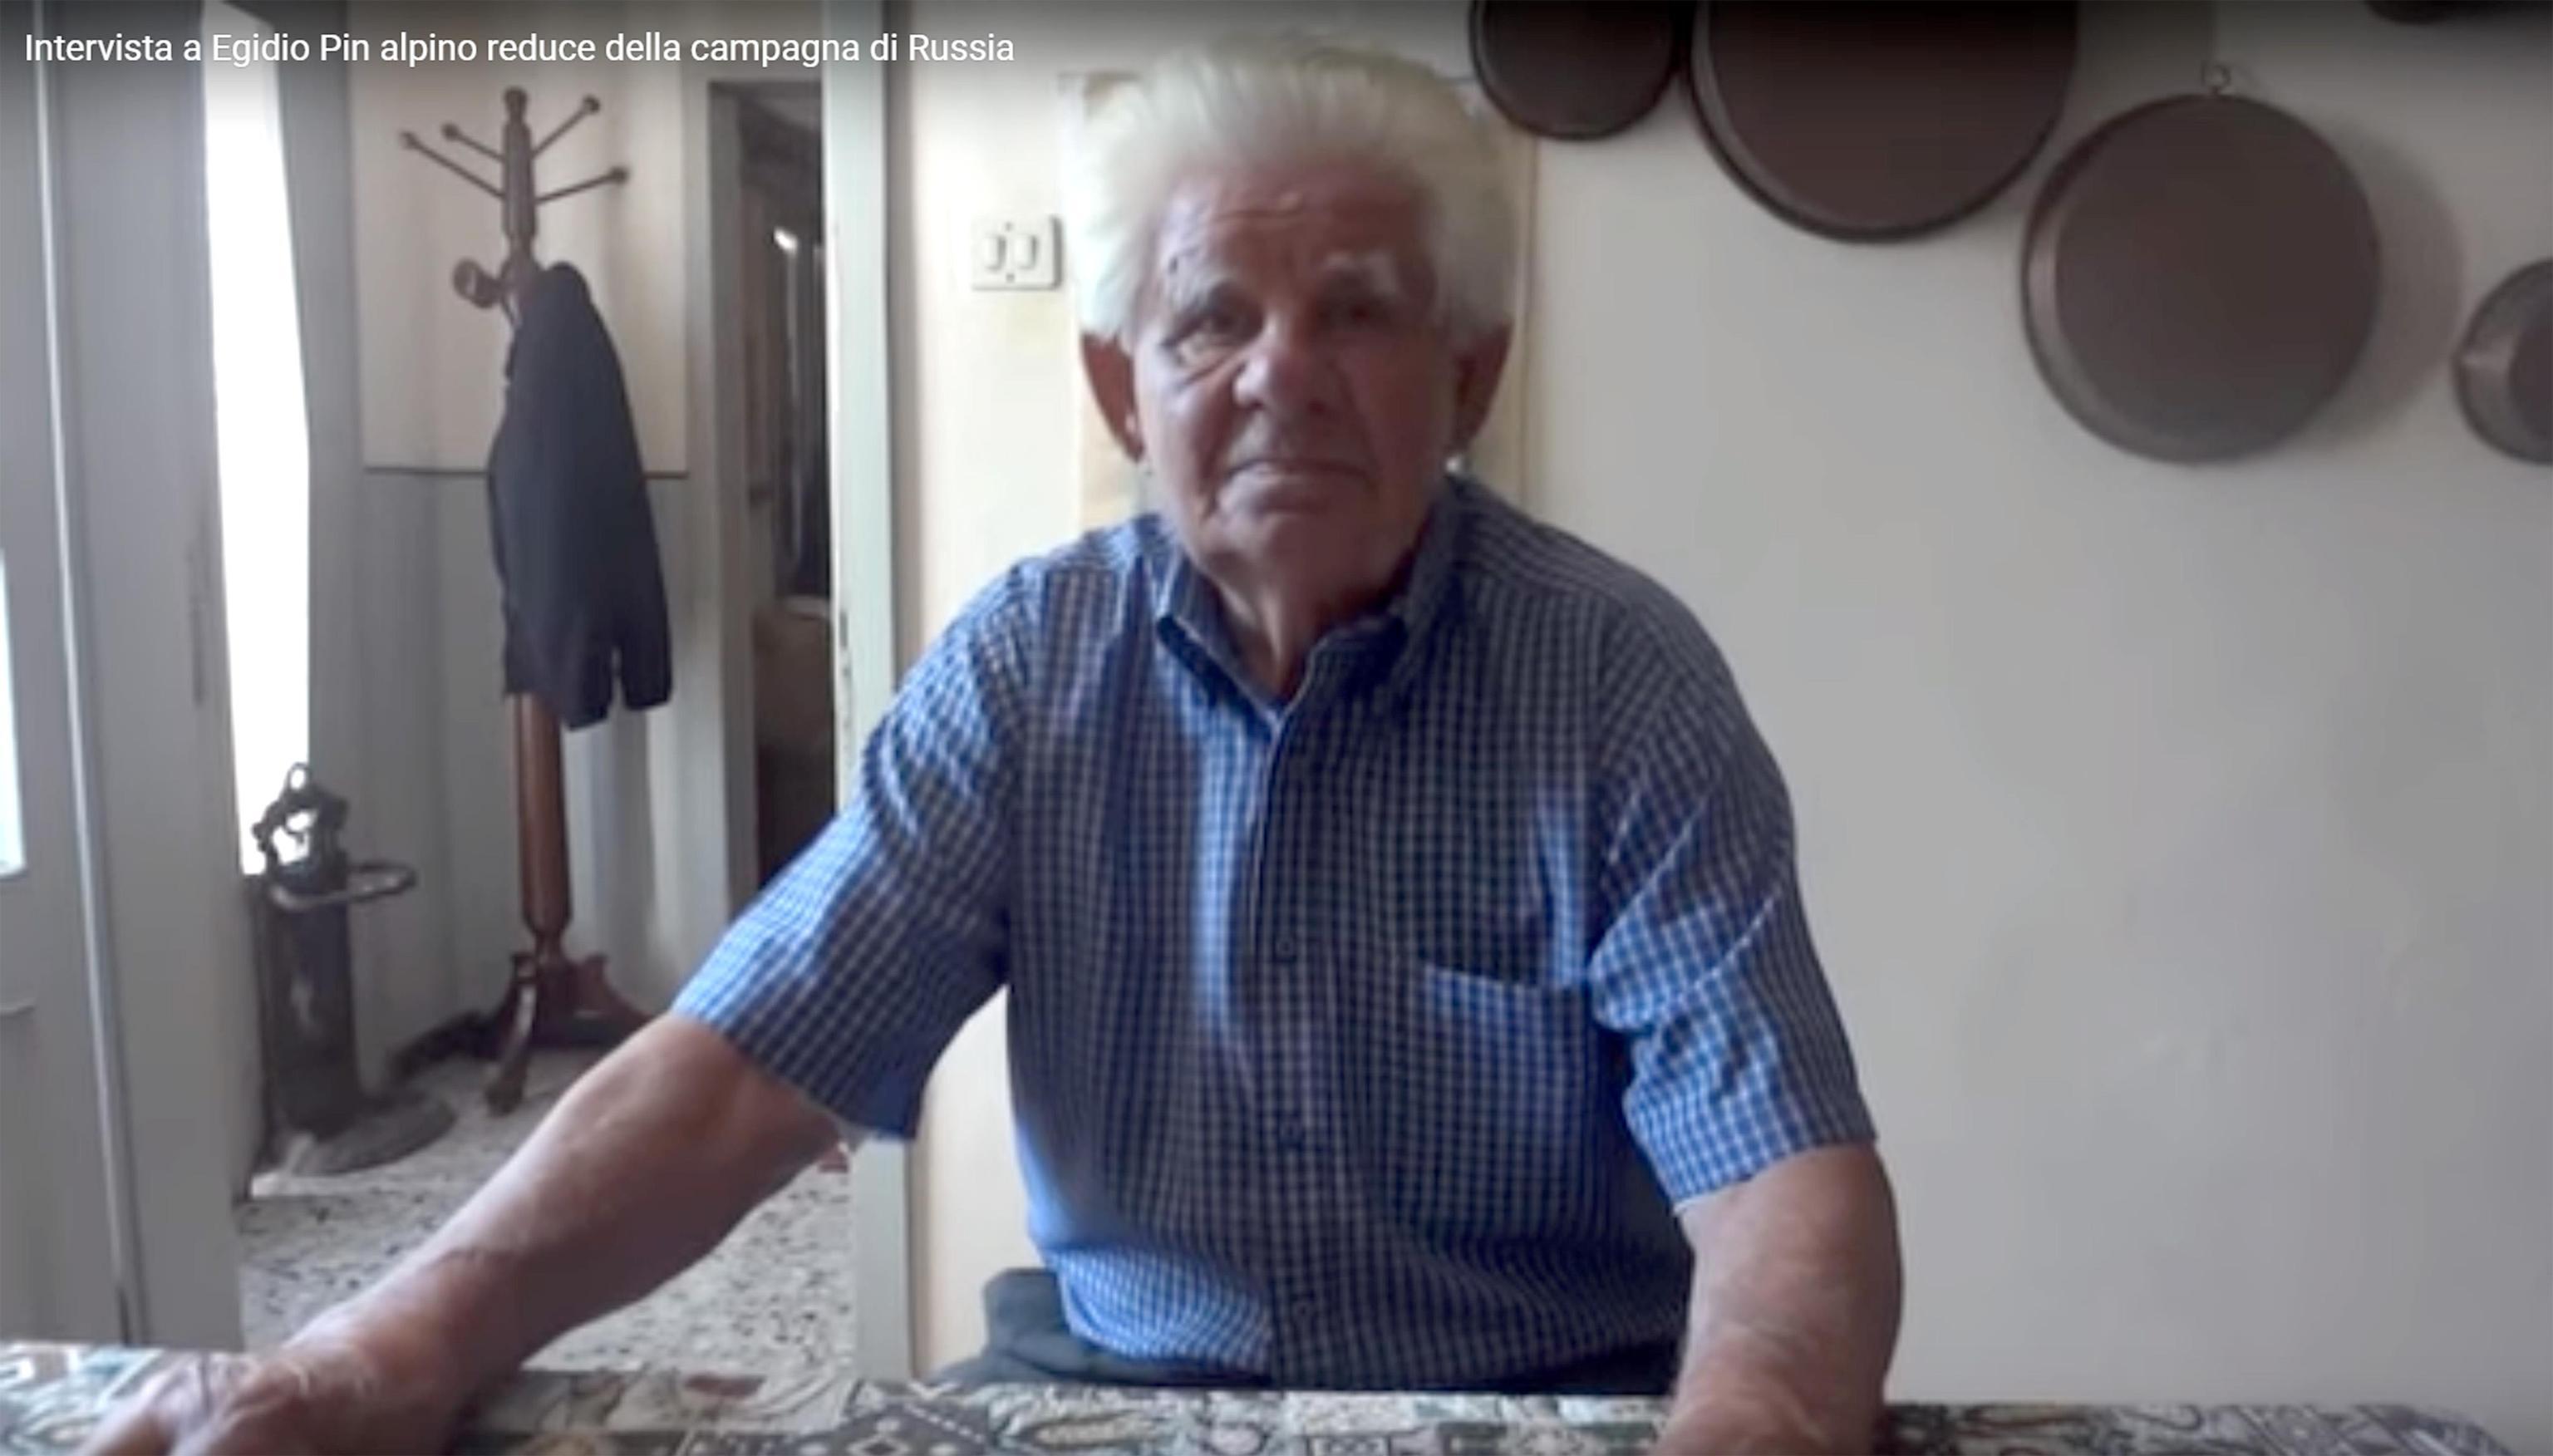 Morto uno ultimi alpini campagna Russia